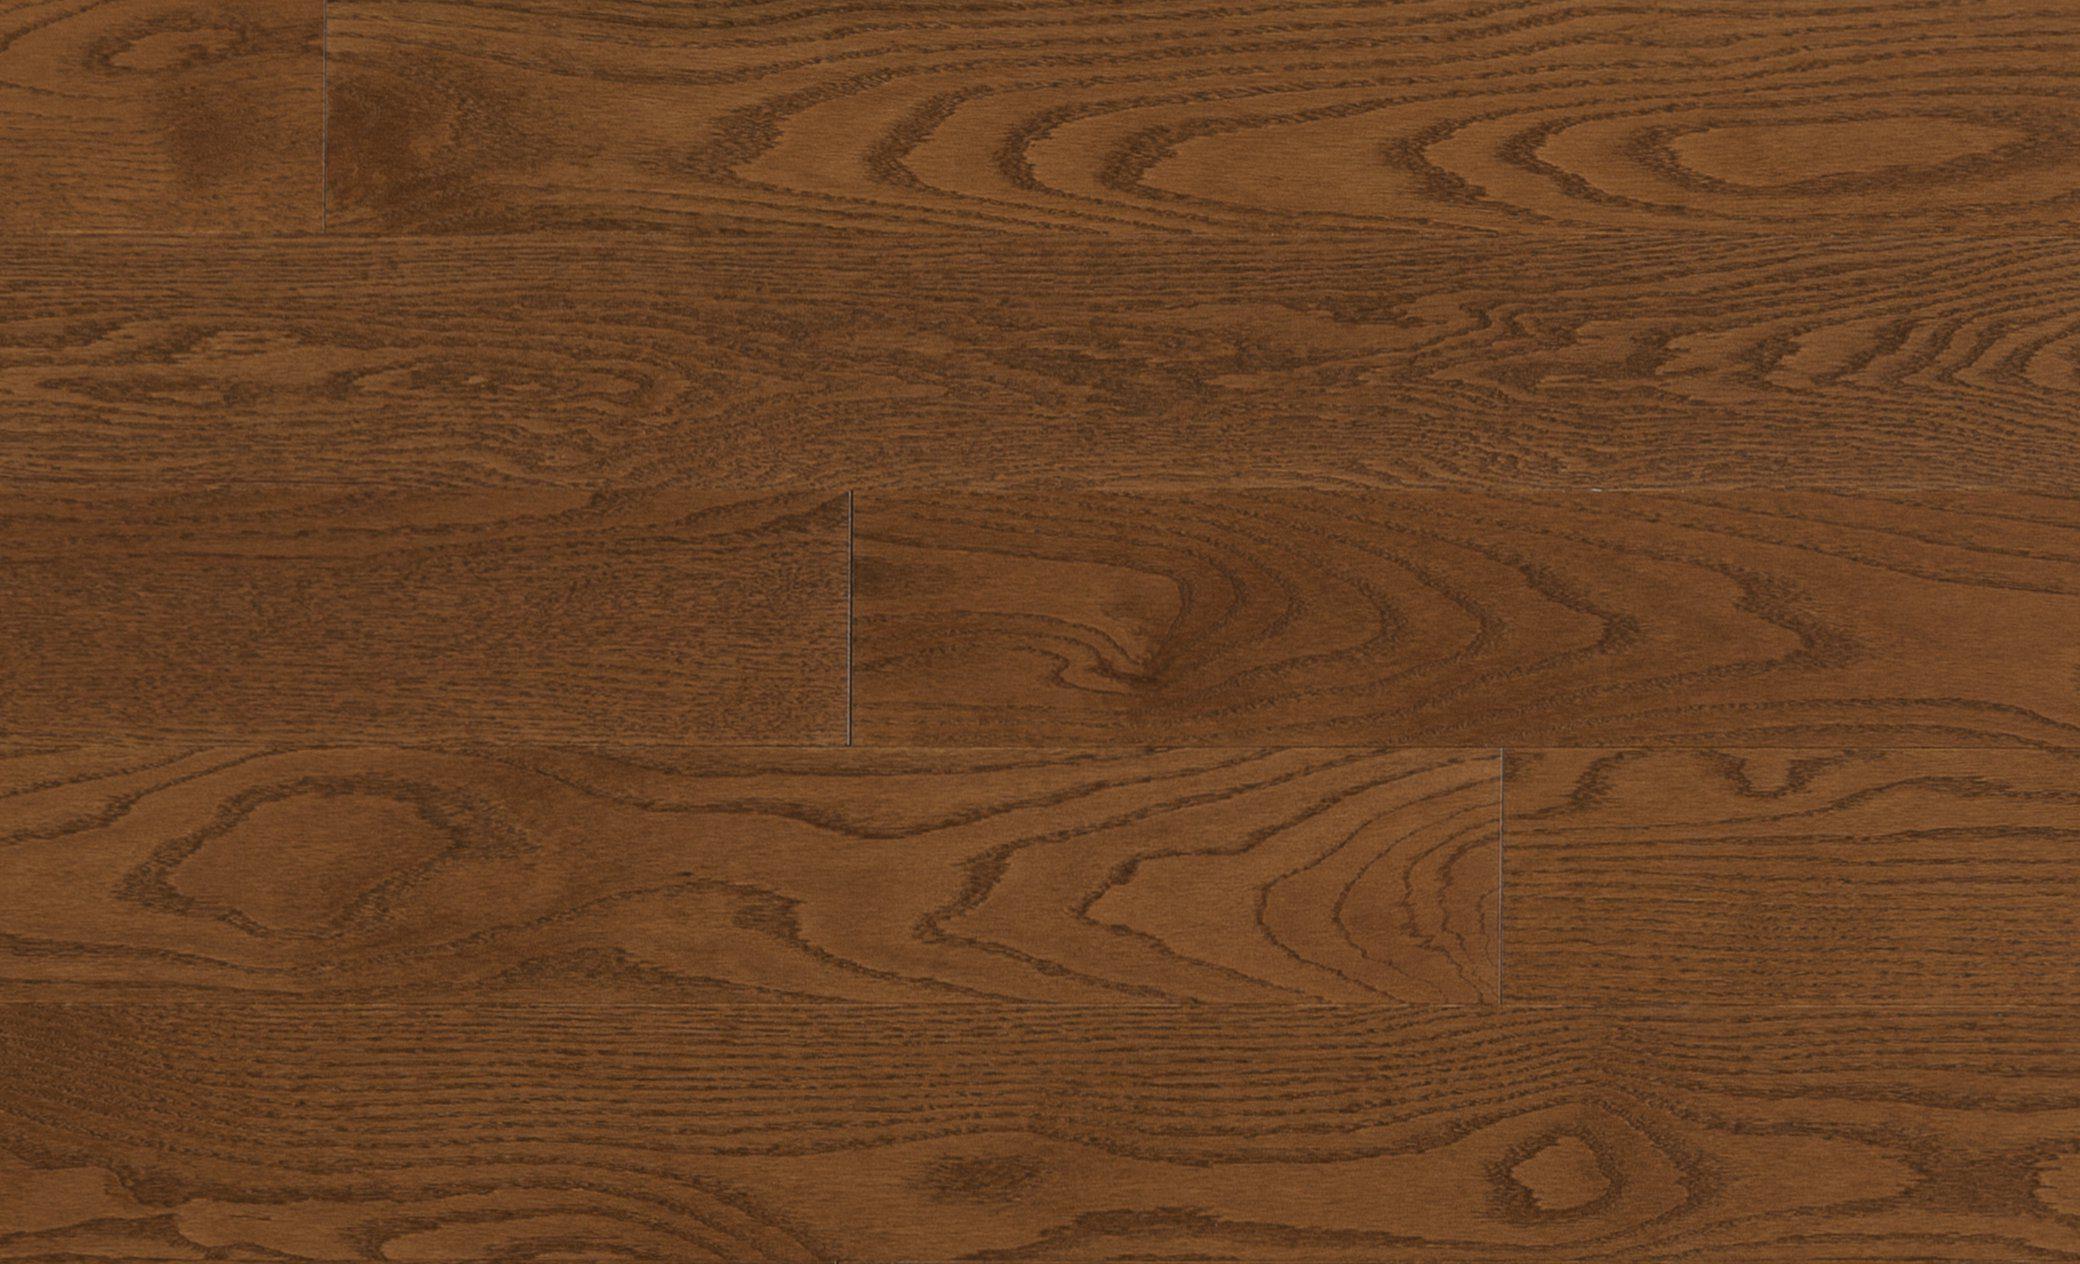 Mercier Red Oak Gunstock Solid Width: 2 1/4